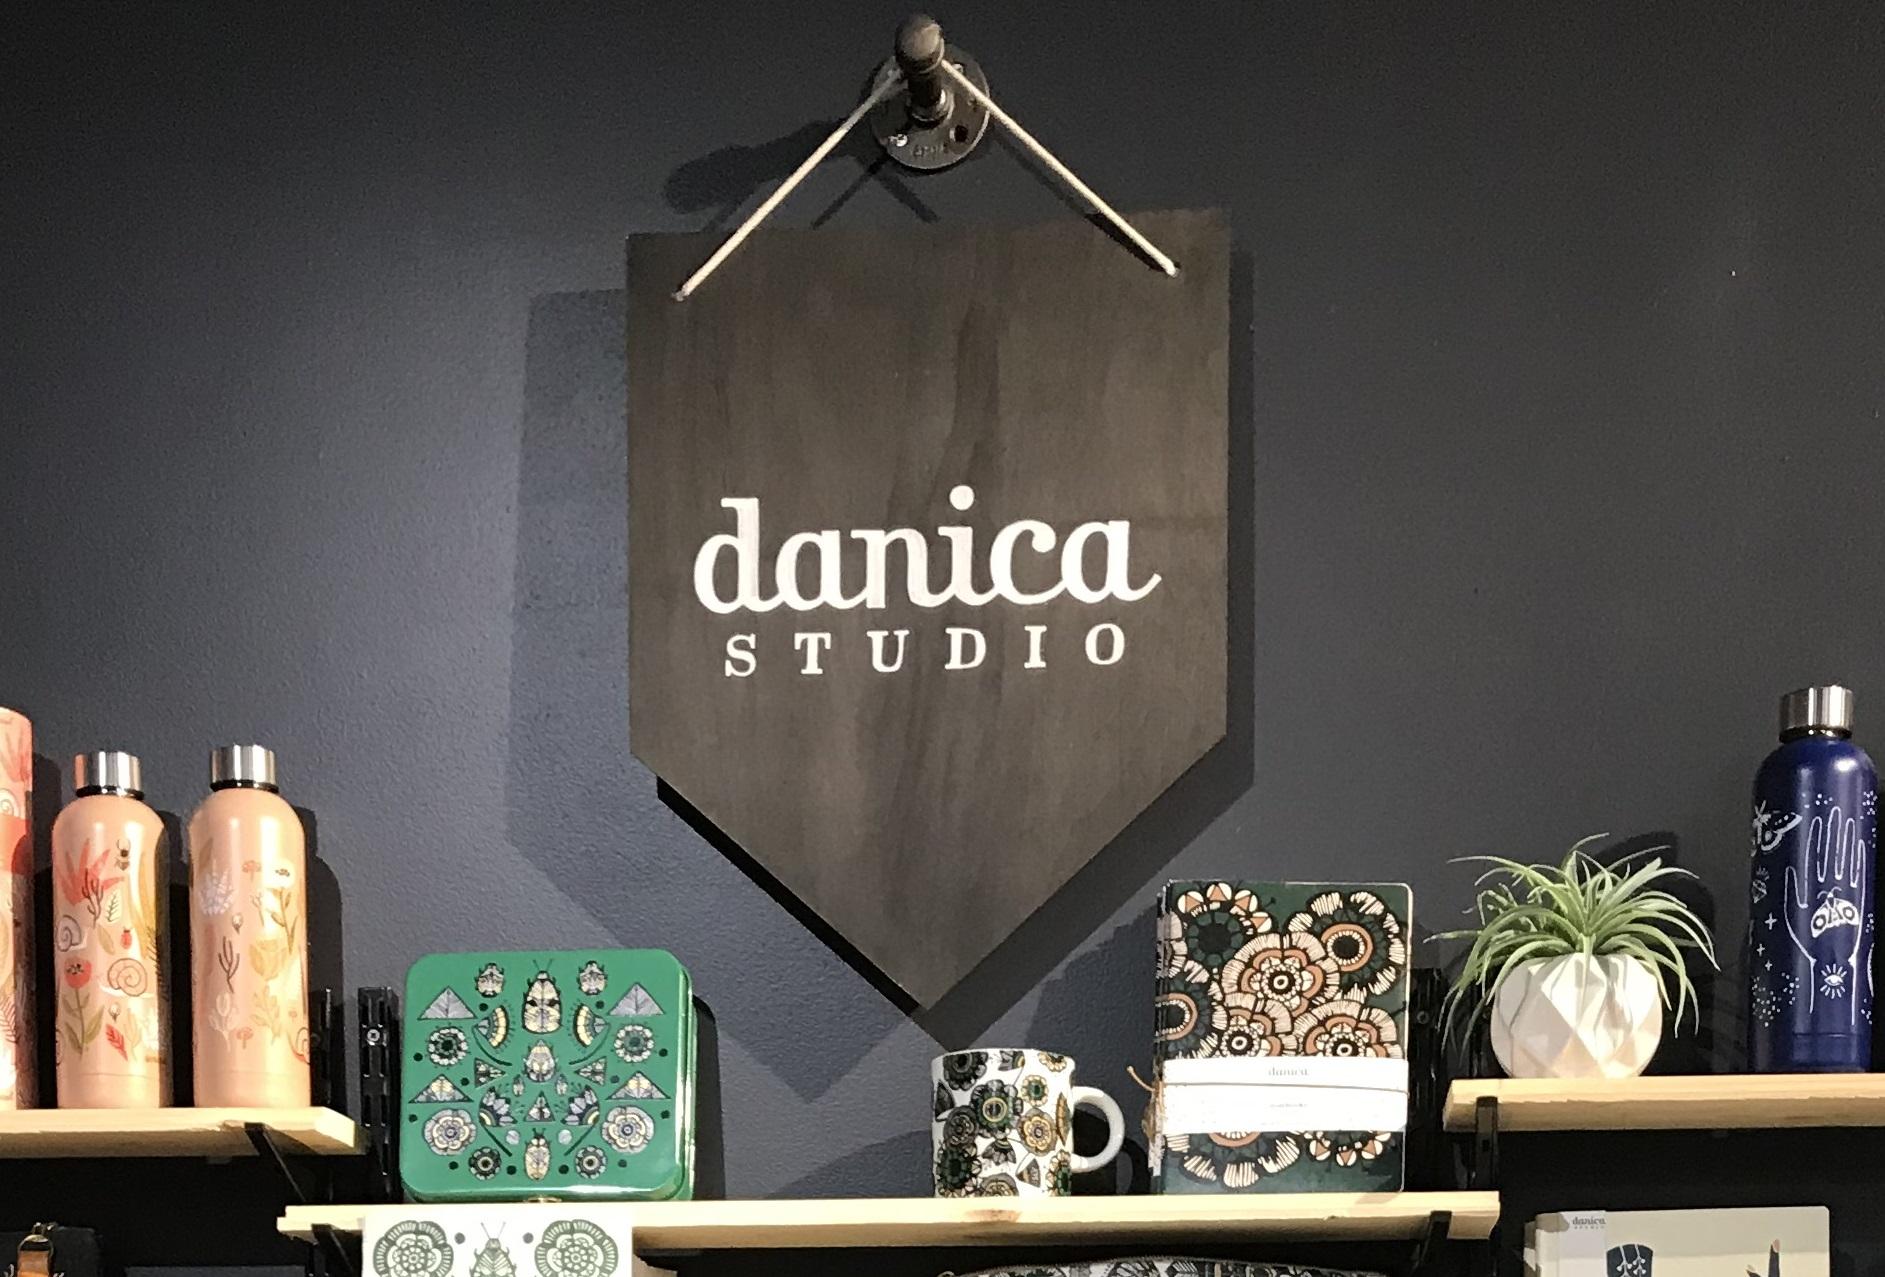 Danica 3